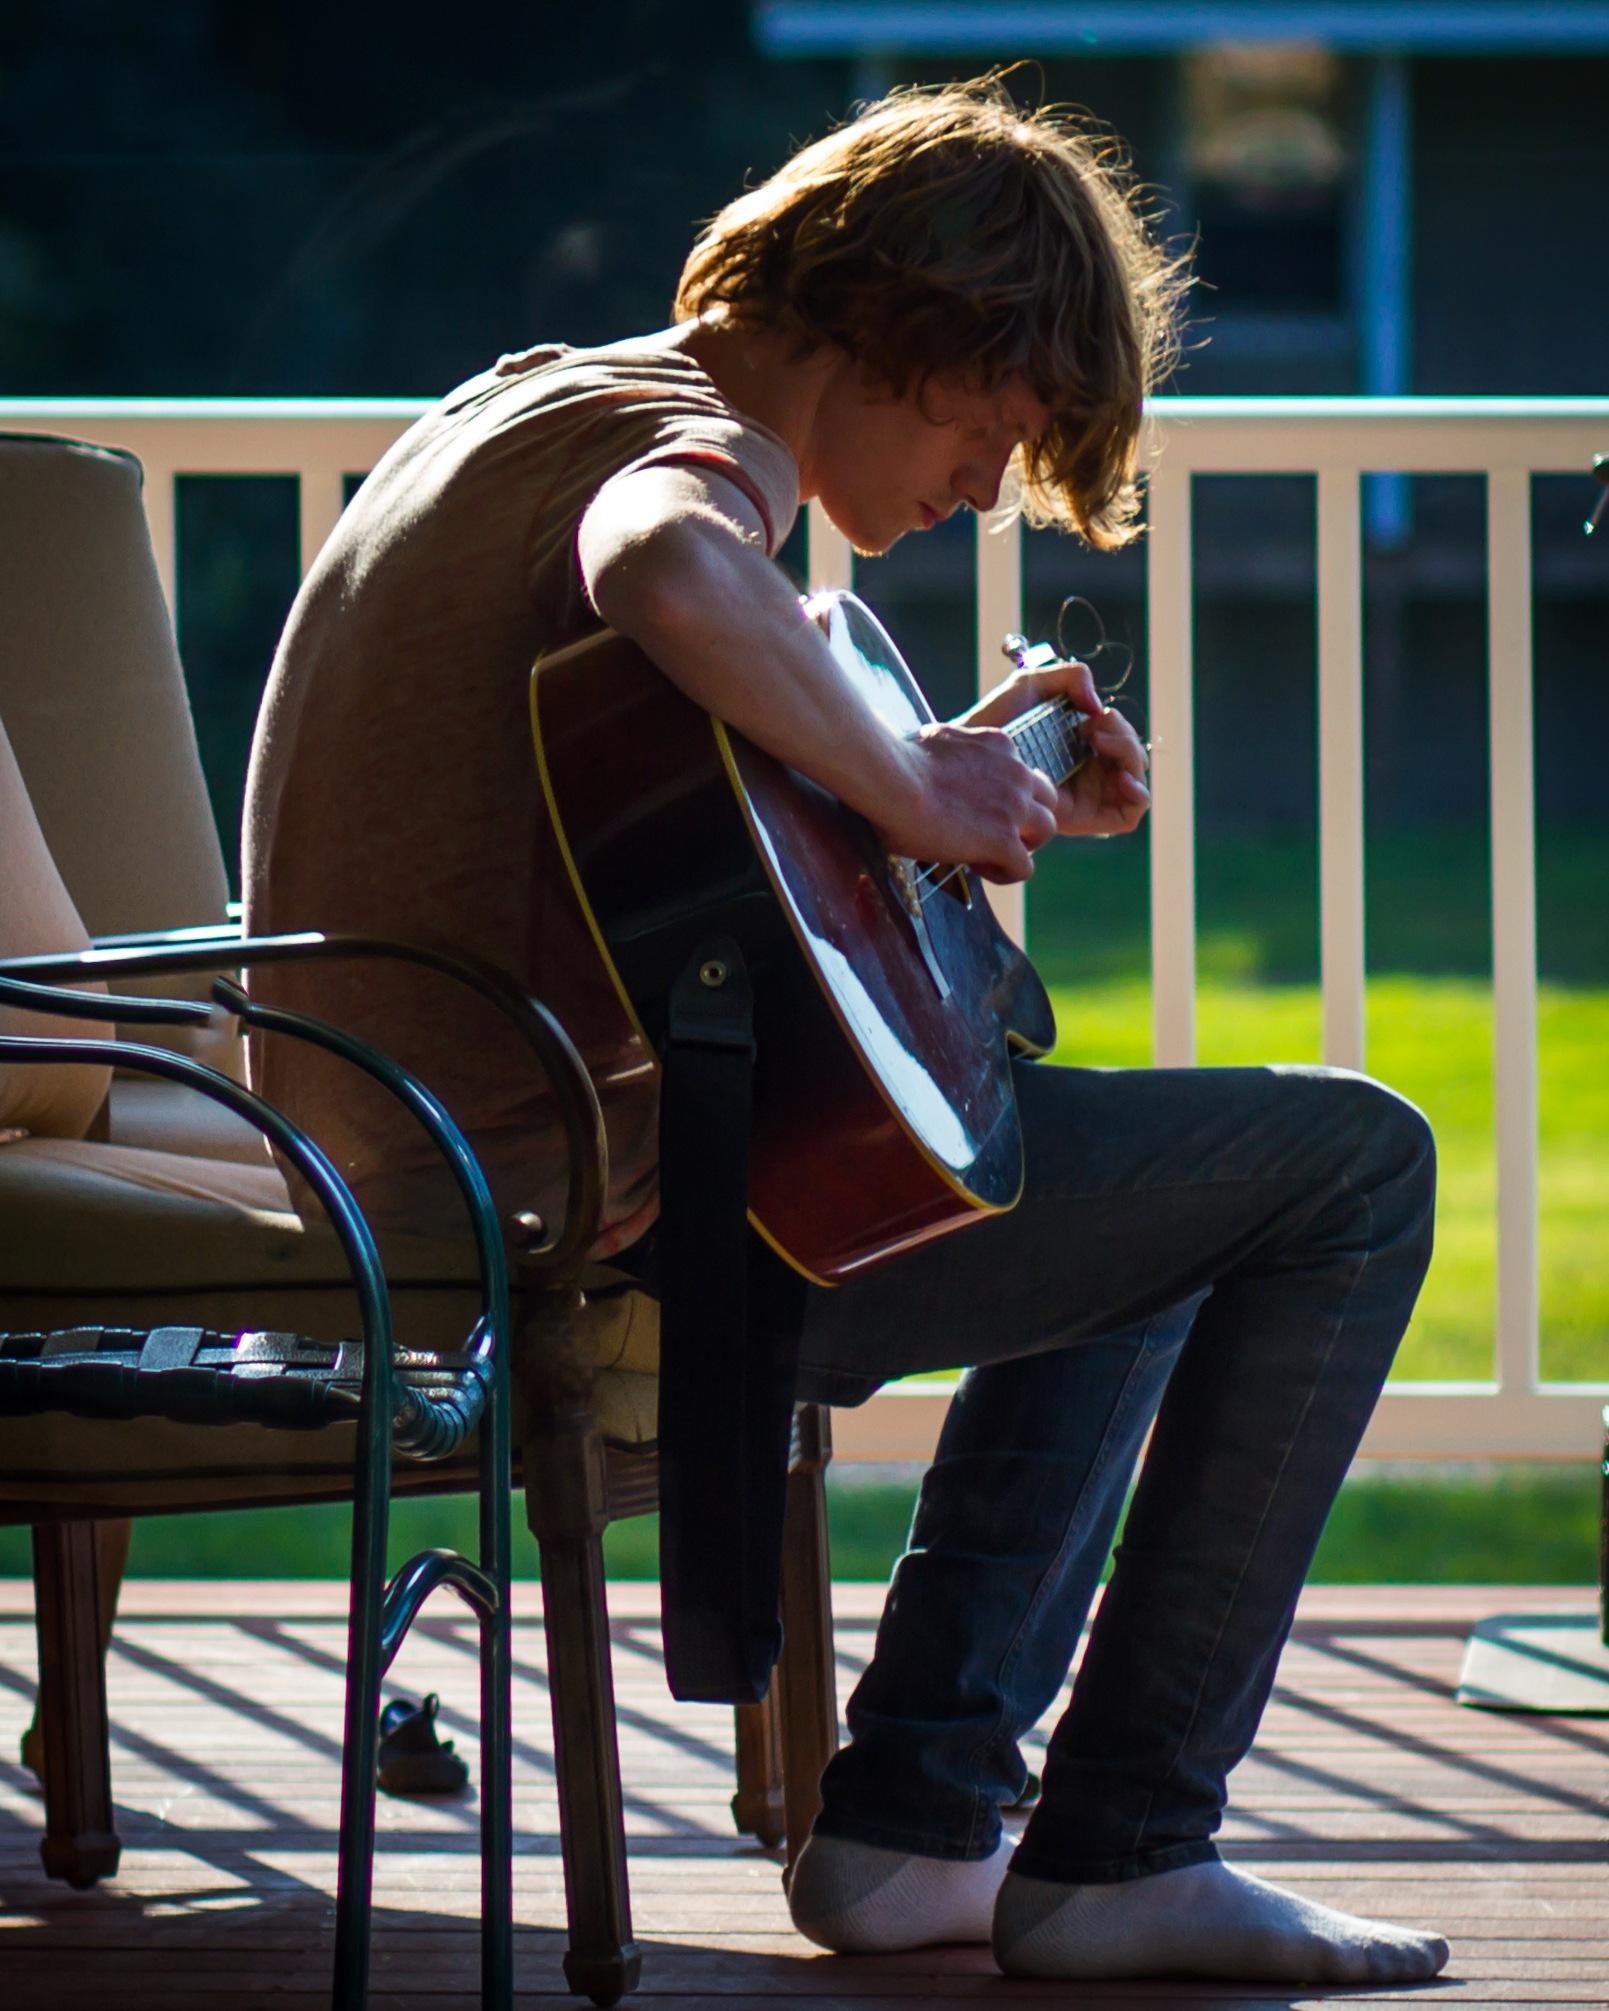 Guitar Man by LancePangborn